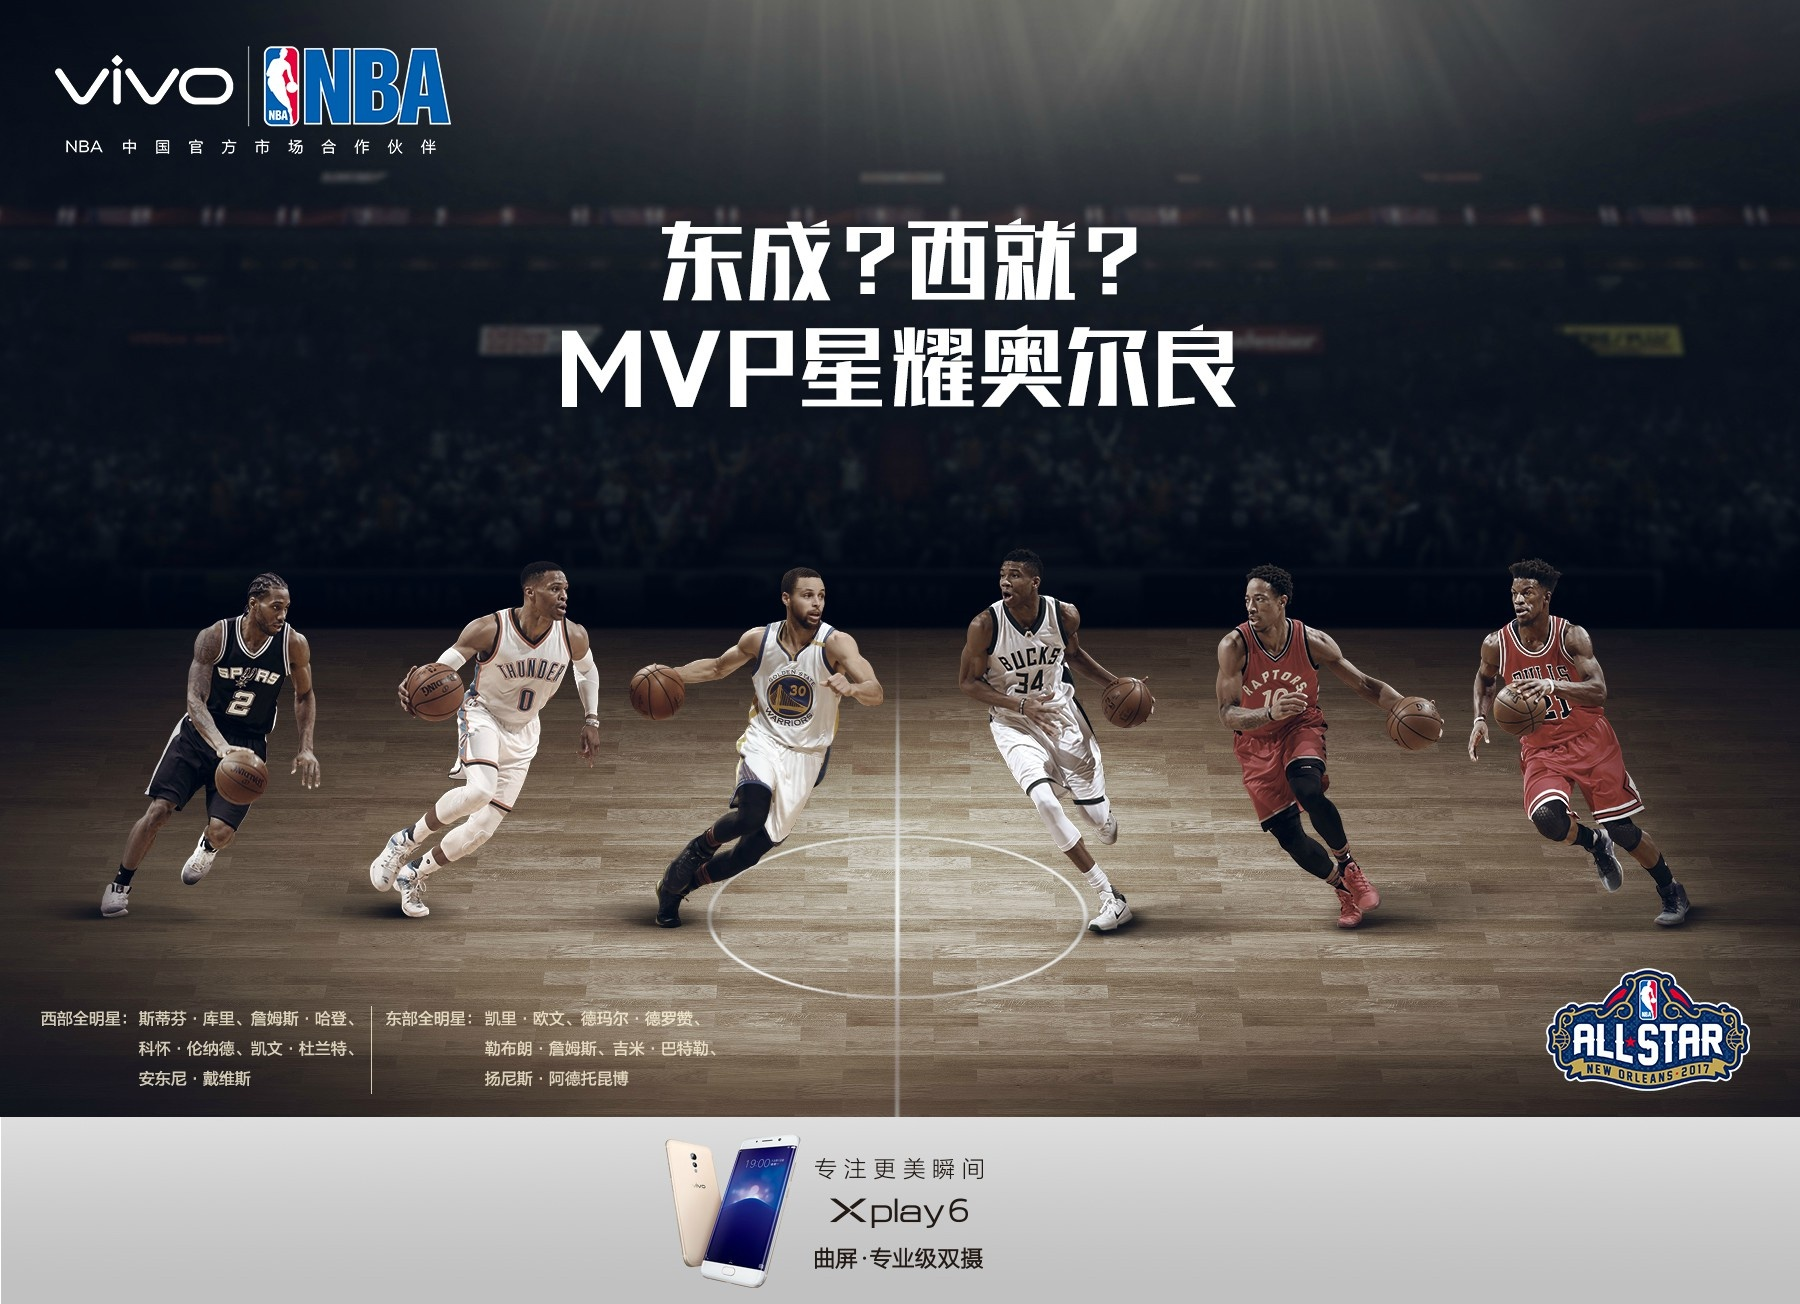 东成?西就?http://t.cn/RJ1DD1t 谁将夺冠,荣获MVP,星耀奥尔良?转发投票,抽送